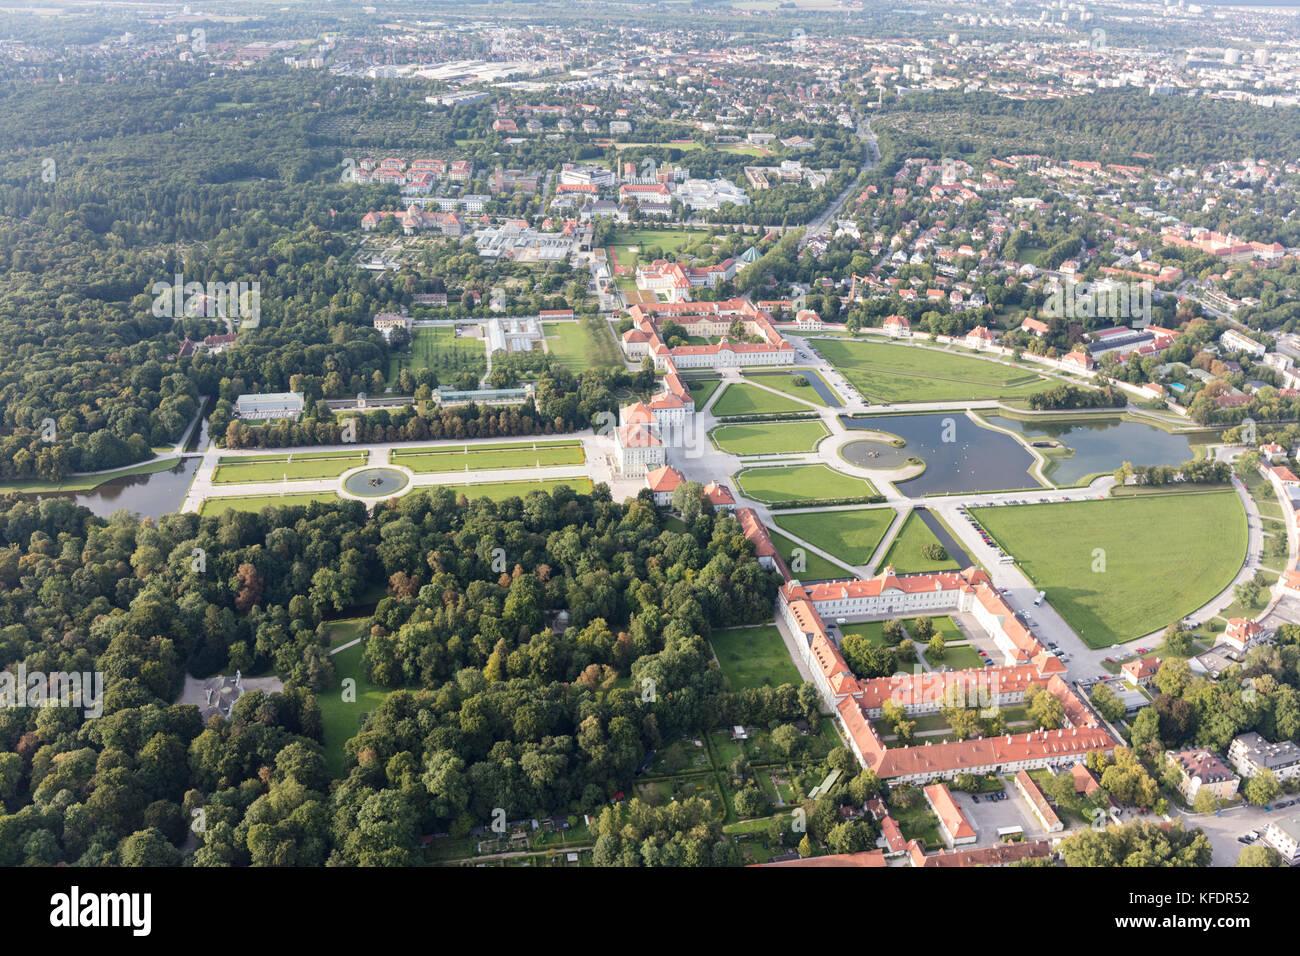 Veduta aerea del castello di Nymphenburg Palace (Schloss Nymphenburg), Monaco di Baviera, Germania Immagini Stock